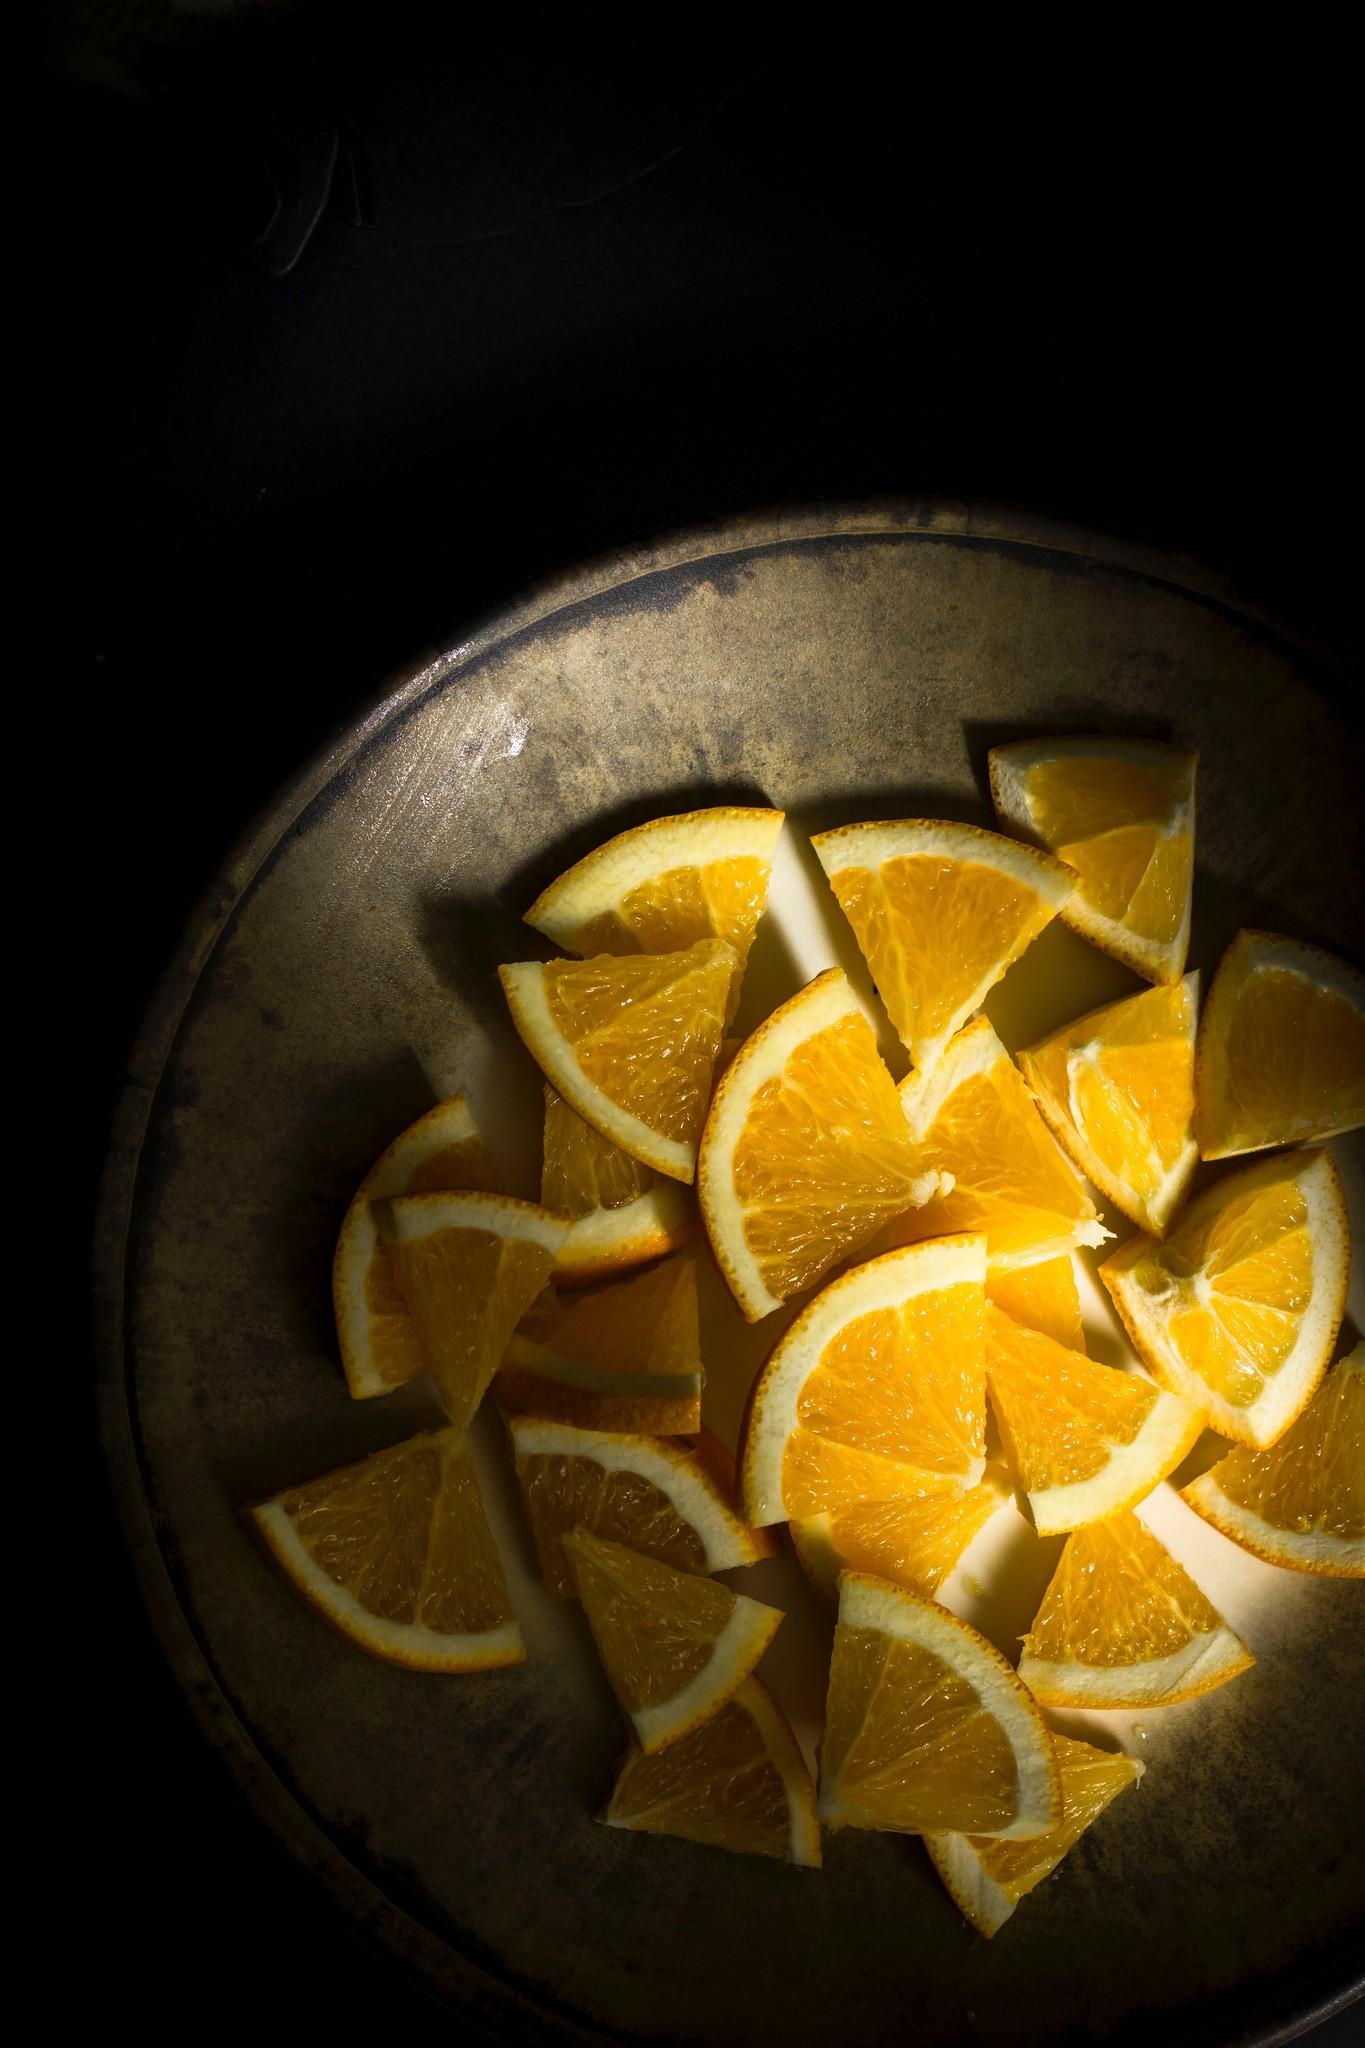 sinaasappels vitamine c